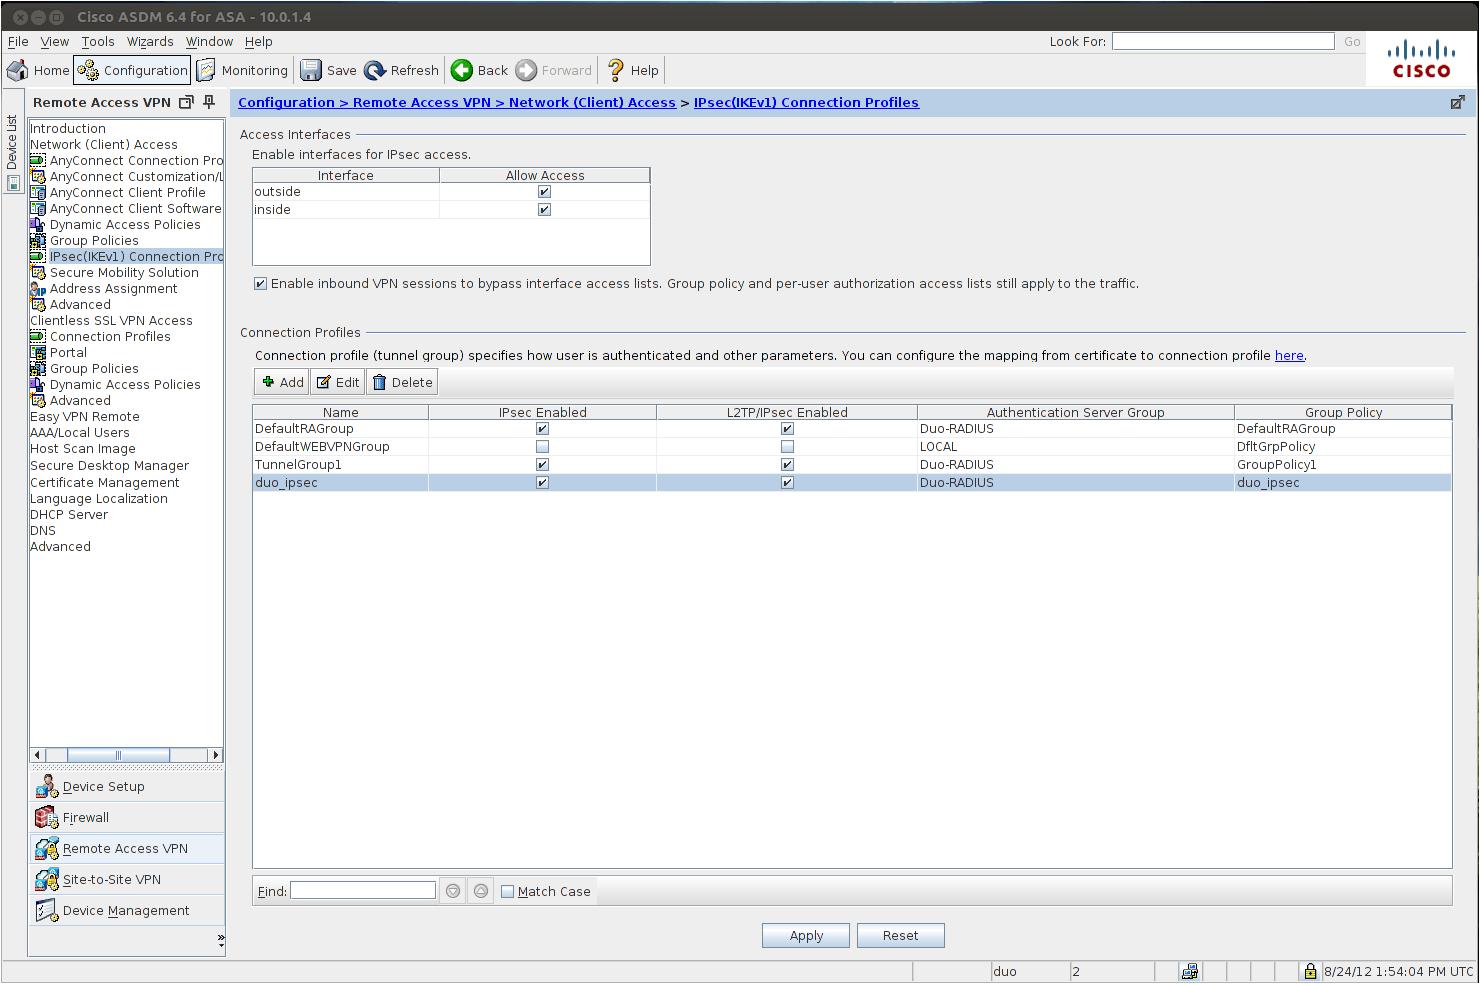 2FA using RADIUS for Cisco ASA IPsec VPNs | Duo Security